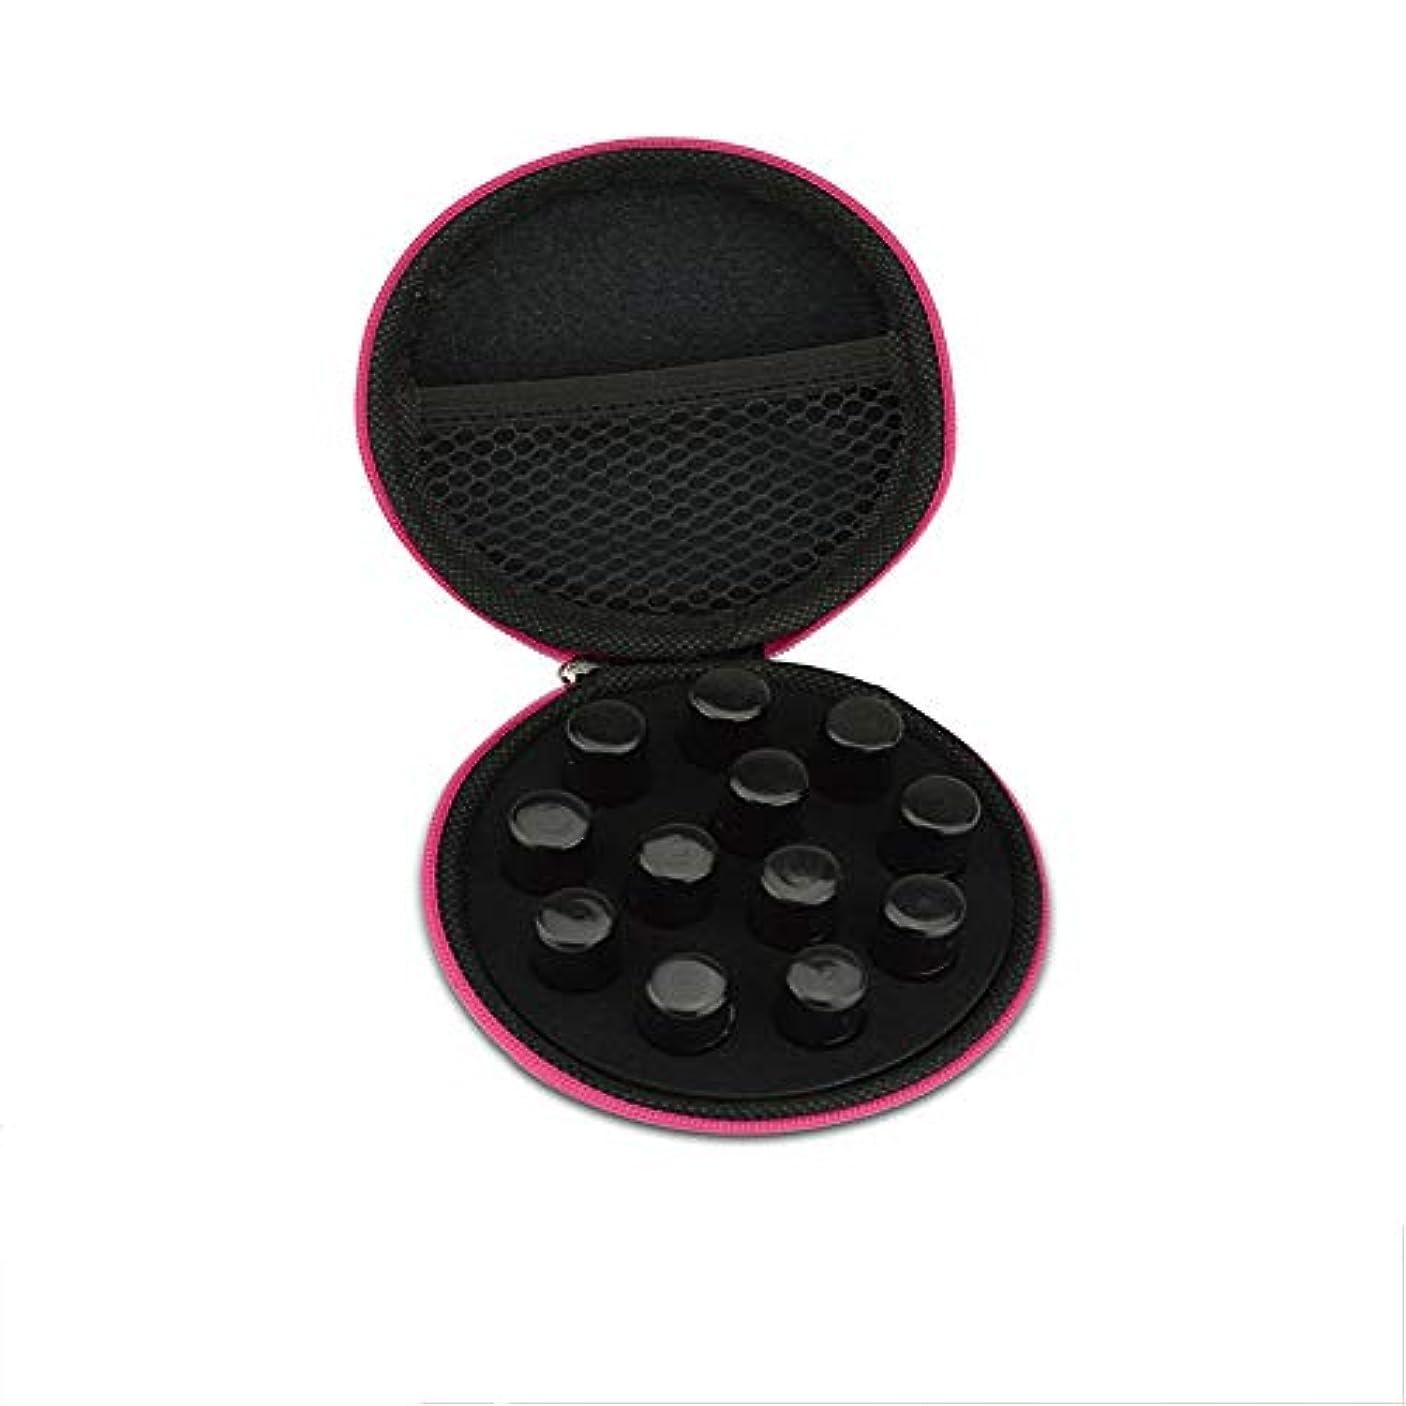 いらいらさせるエスカレートライム精油ケース ラウンドローラーボトル用ケースバッグエッセンシャルオイルケースパーフェクトキャリング12パックミニローラーボトルはブラック2mlの 携帯便利 (色 : ブラック, サイズ : 10X10CM)